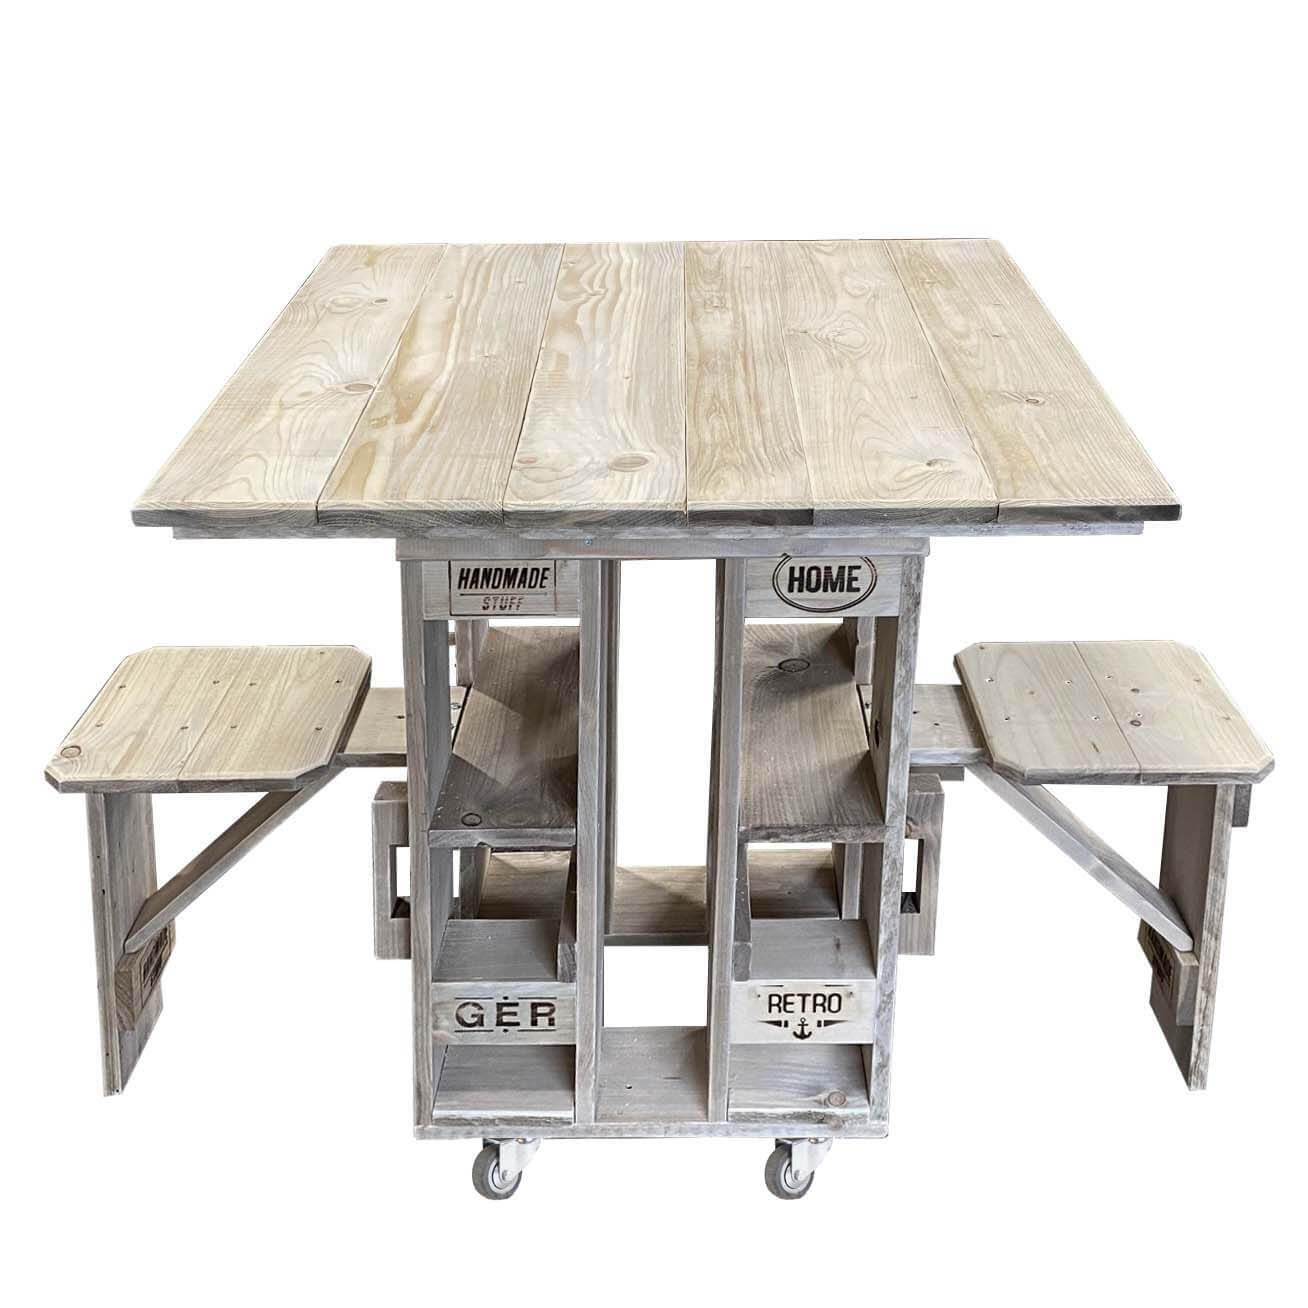 Tisch und Sitz Kombination aus Europaletten-palettenmöbel